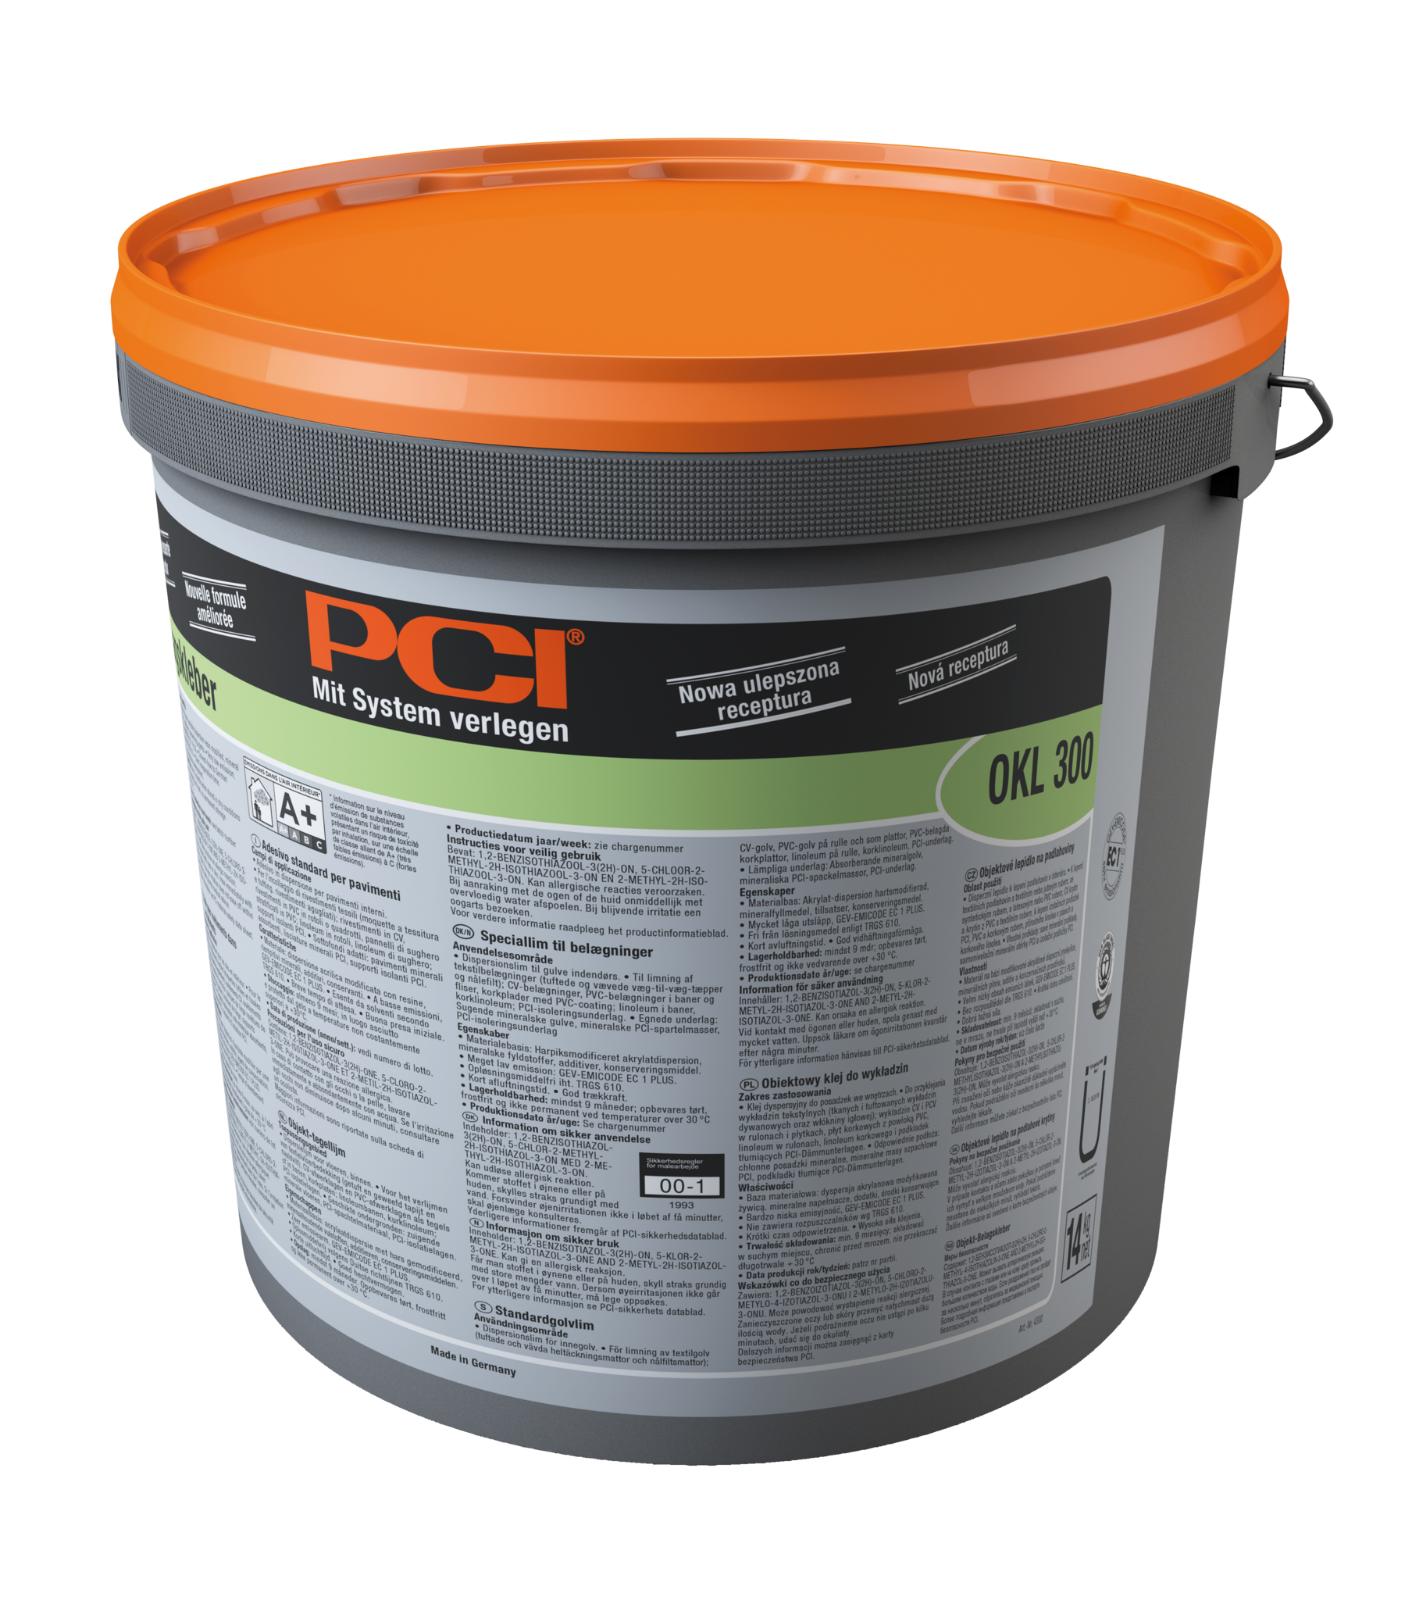 PCI Okl 300 Objekt-Belagskleber Dispersionsklebstoff Böden im Innenbereich 14 kg